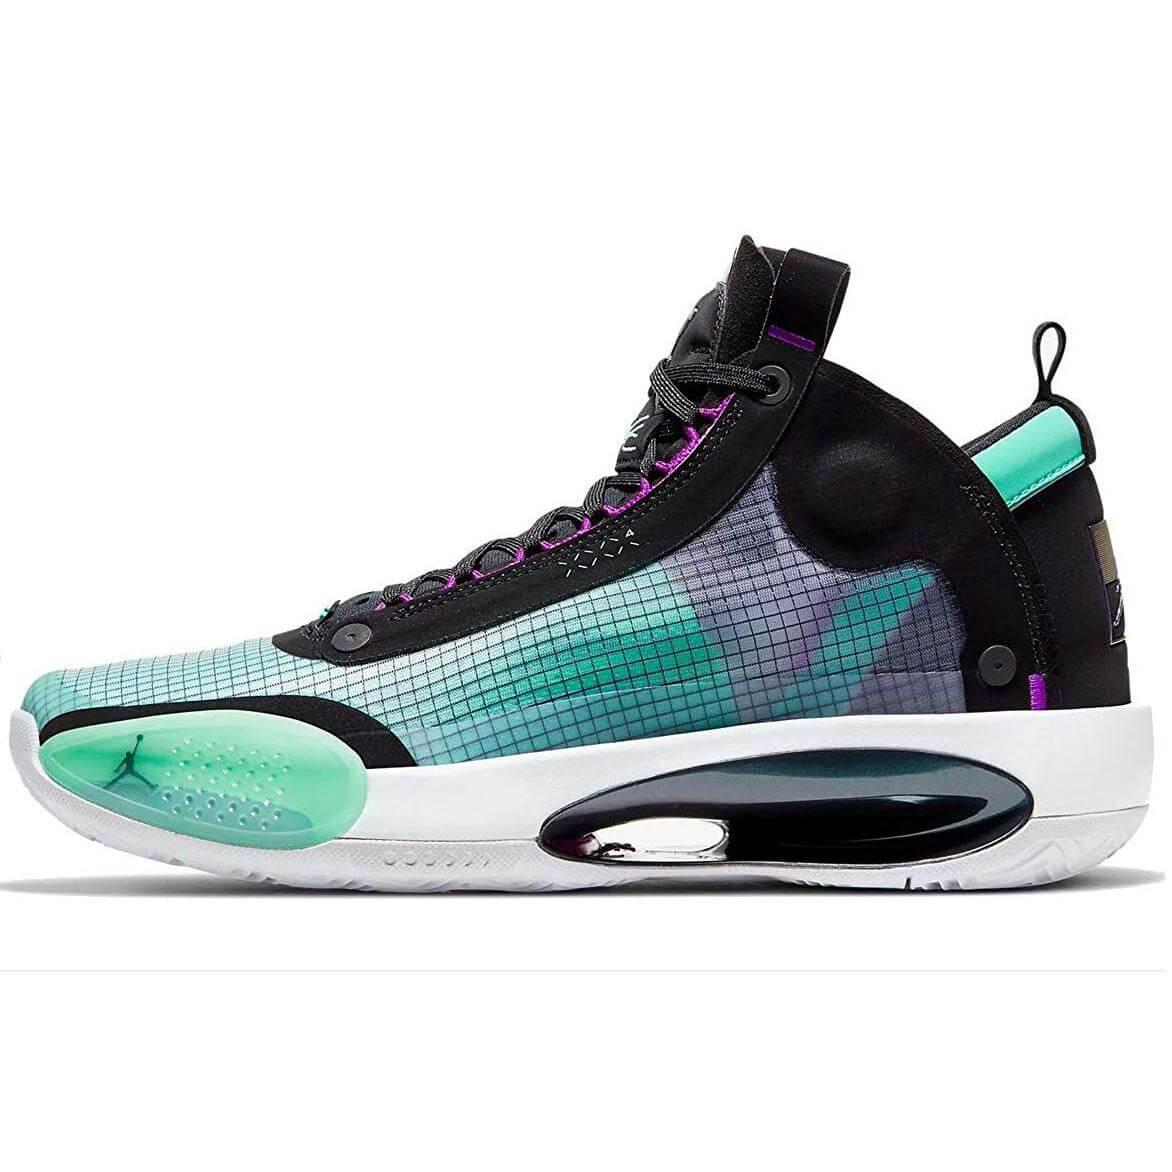 Zapatillas deportivas para hombre Jordan Air XXXIV 100% originales